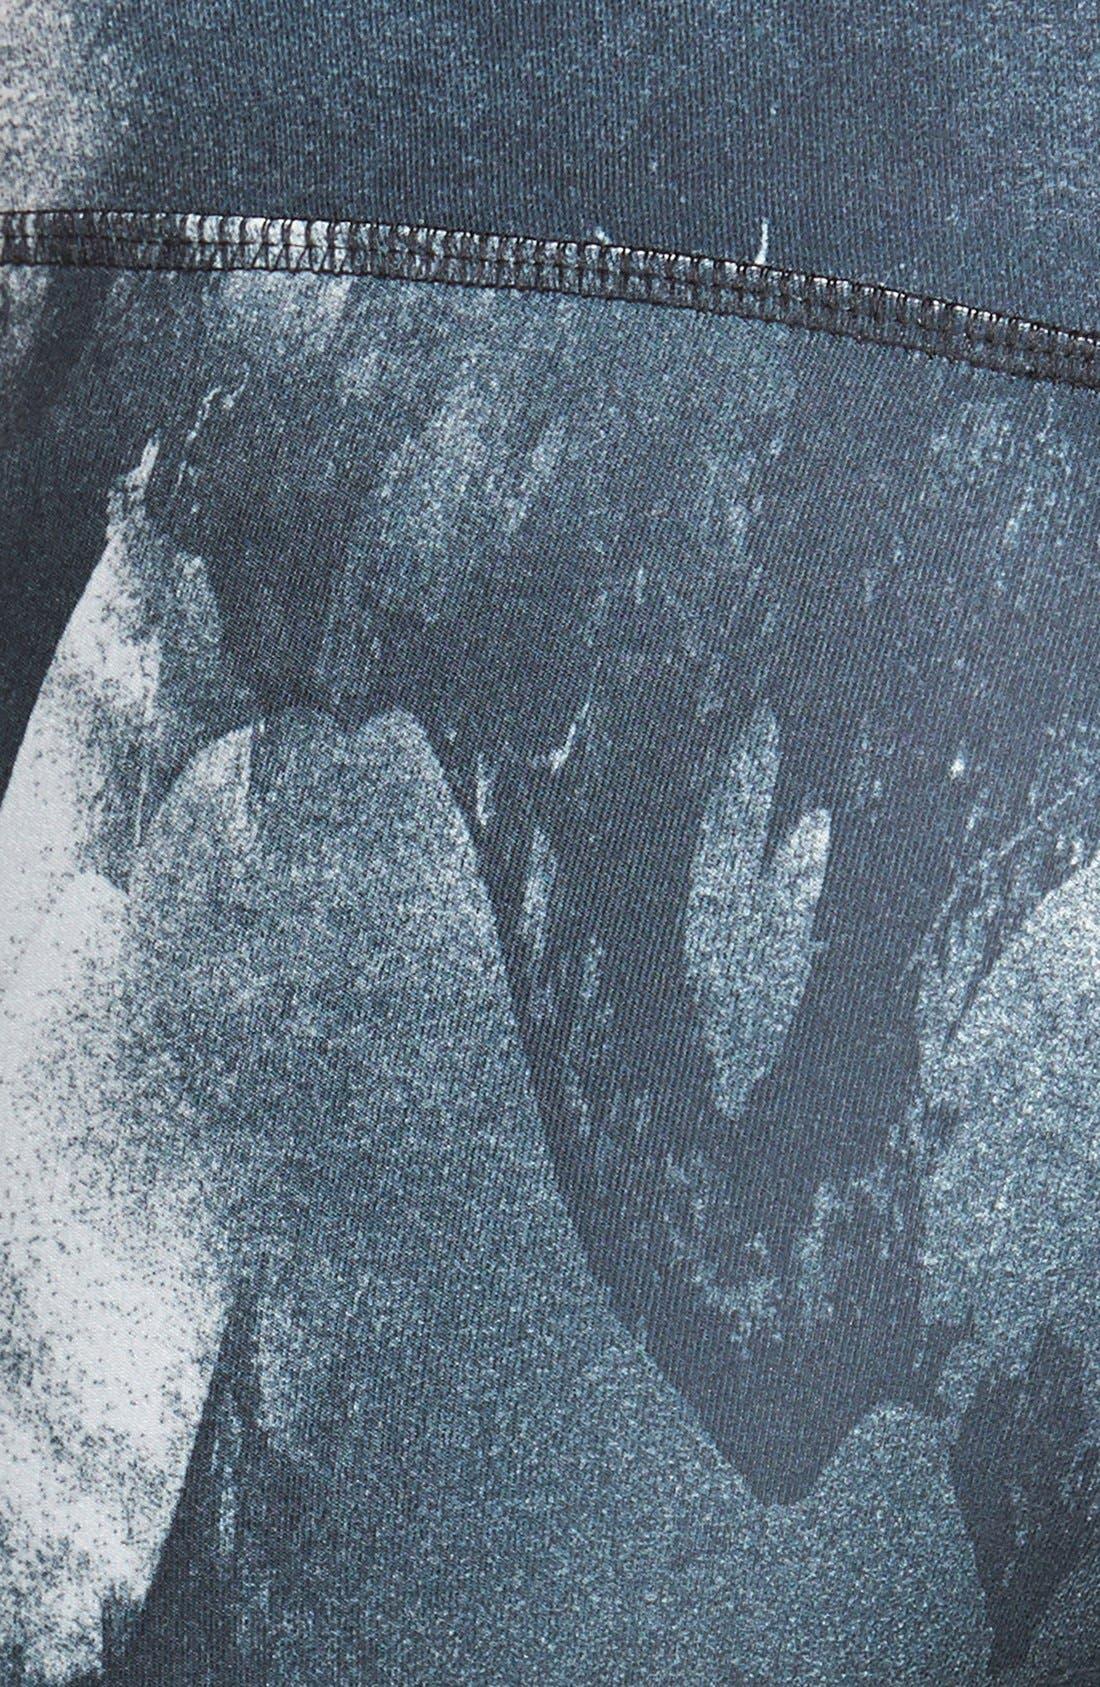 Alternate Image 3  - Nike 'Legend' Dri-FIT Print Tights